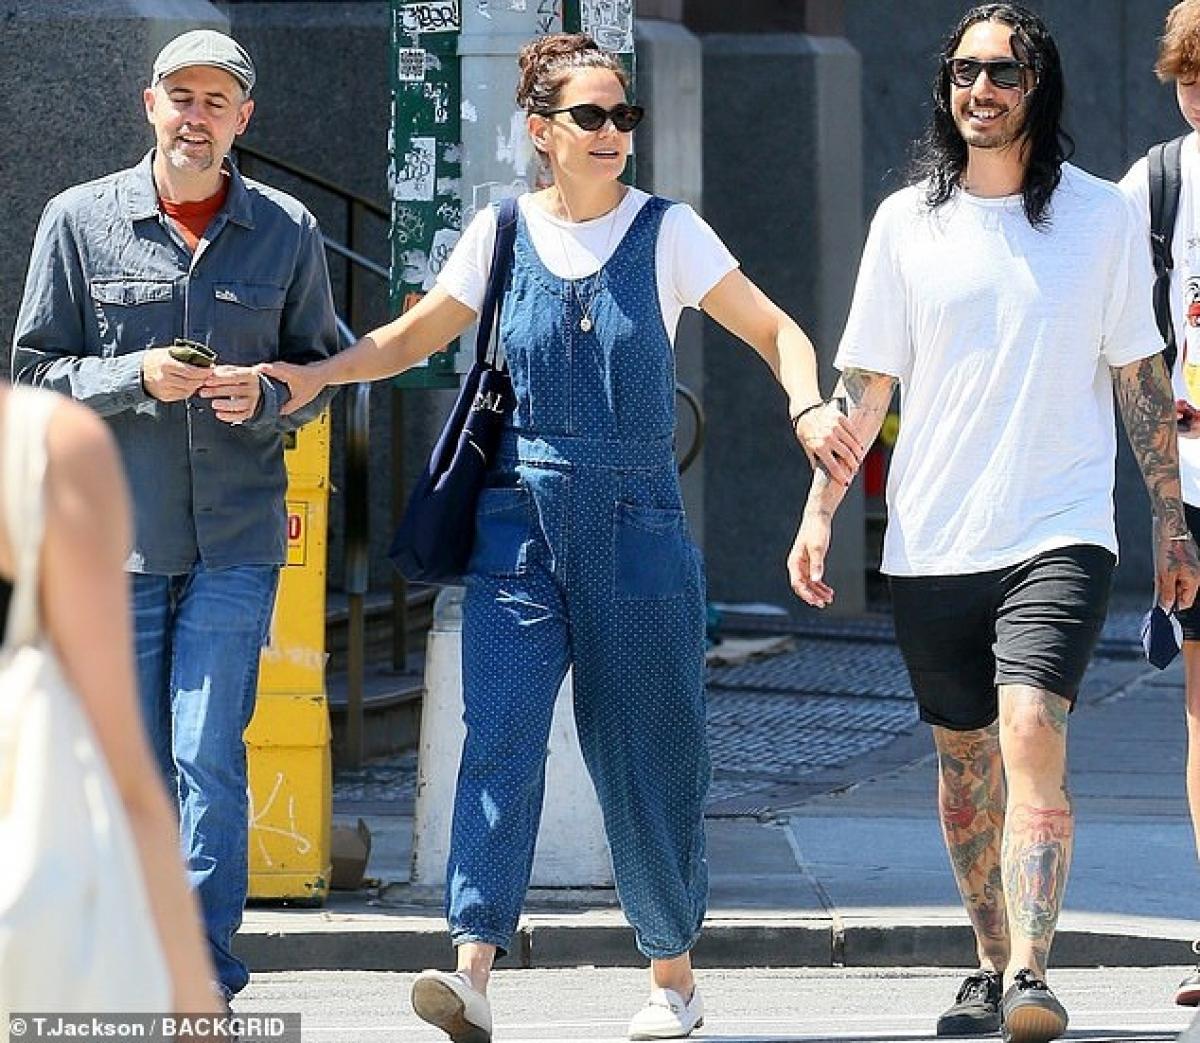 Katie Holmes và Emilio Vitolo Jr - đầu bếp kiêm quản lý nhà hàng Italy của gia đình ở New York từ tháng 9/2020. Cặp đôi được trông thấy lần cuối sánh bước bên nhau là hồi tháng 2/2021.